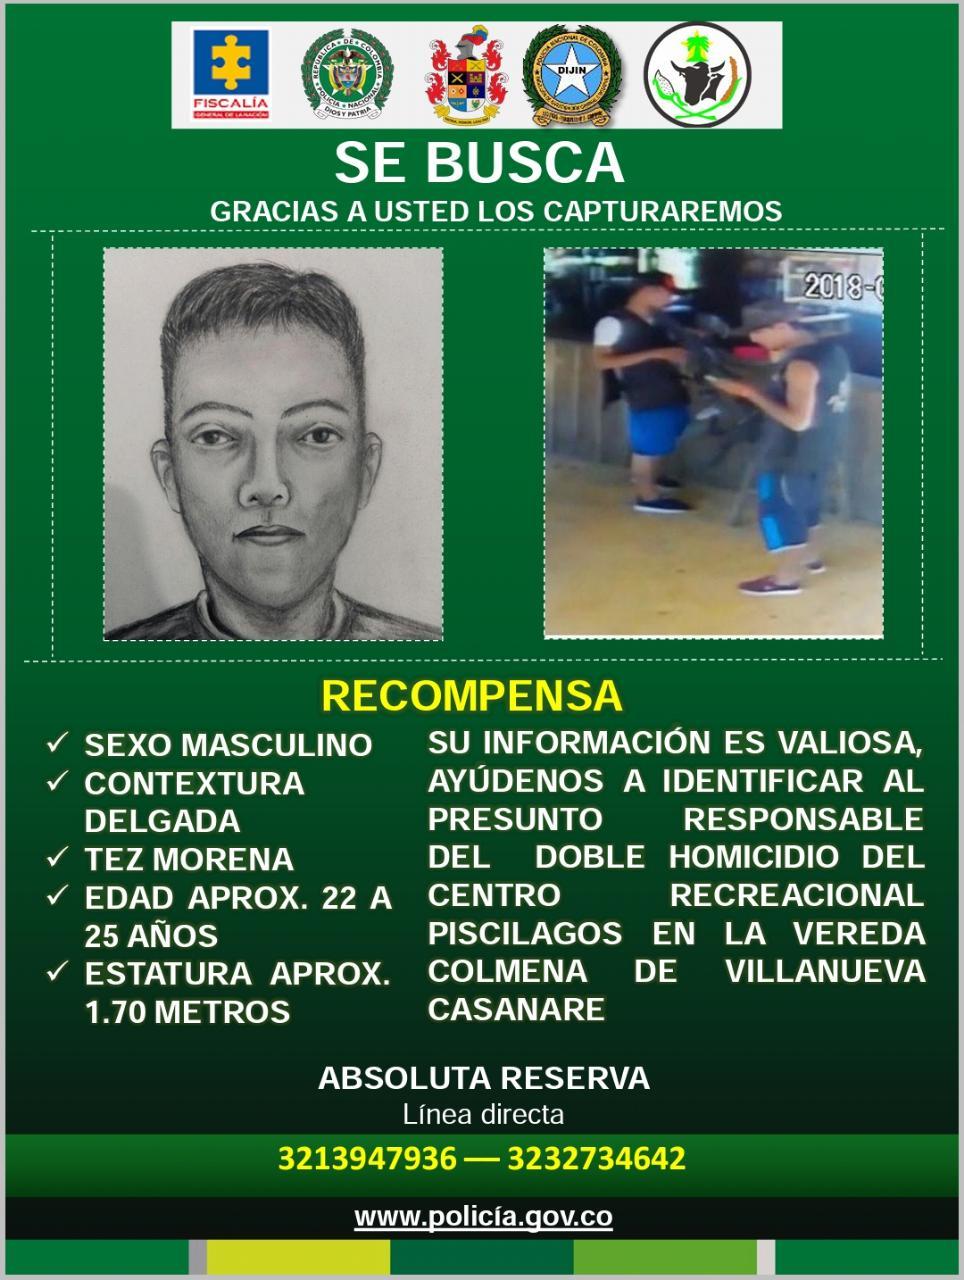 Revelan retrato hablado de presunto homicida de dos jóvenes en Villanueva